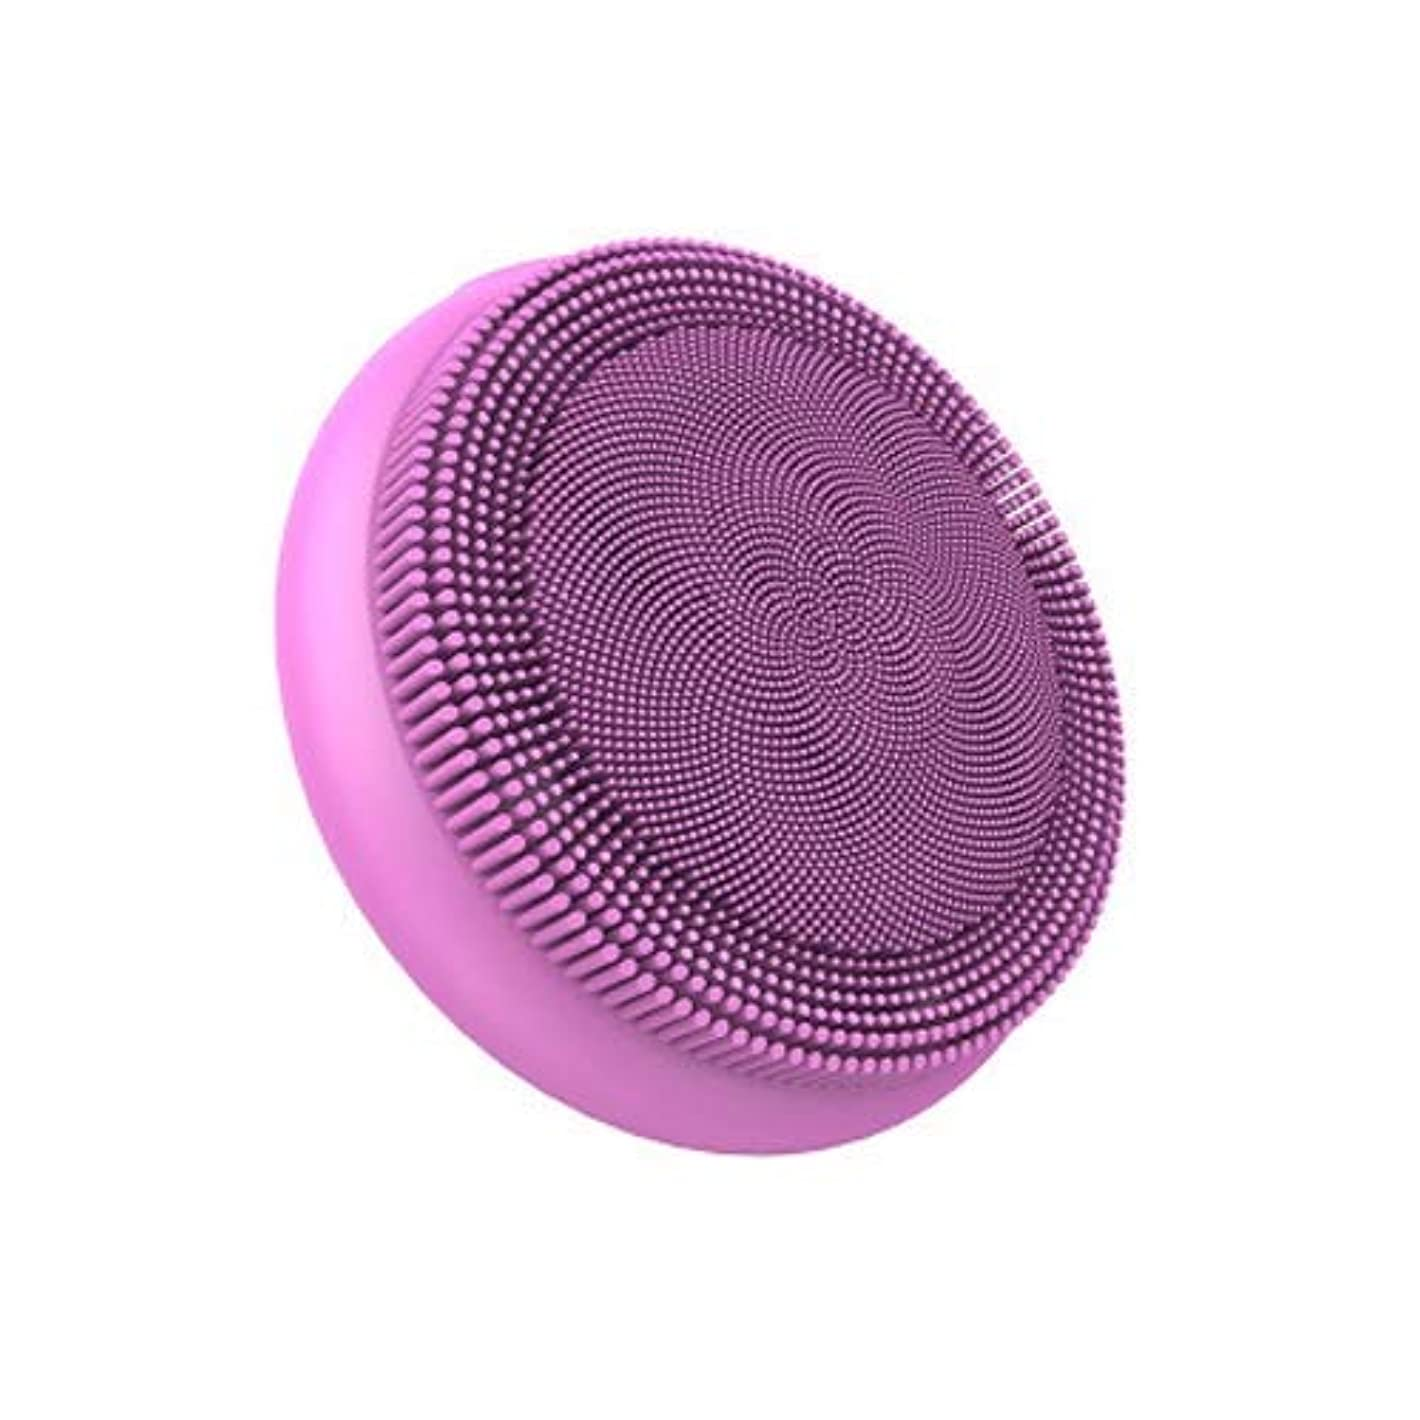 活気づける協同スローLYX エレクトリックシリコーンソニッククレンジングブラシ、ブラックヘッドクレンジングバックル付き機器およびUSB、エクスフォリエイティング、ディープクリーニングツール (Color : ピンク)